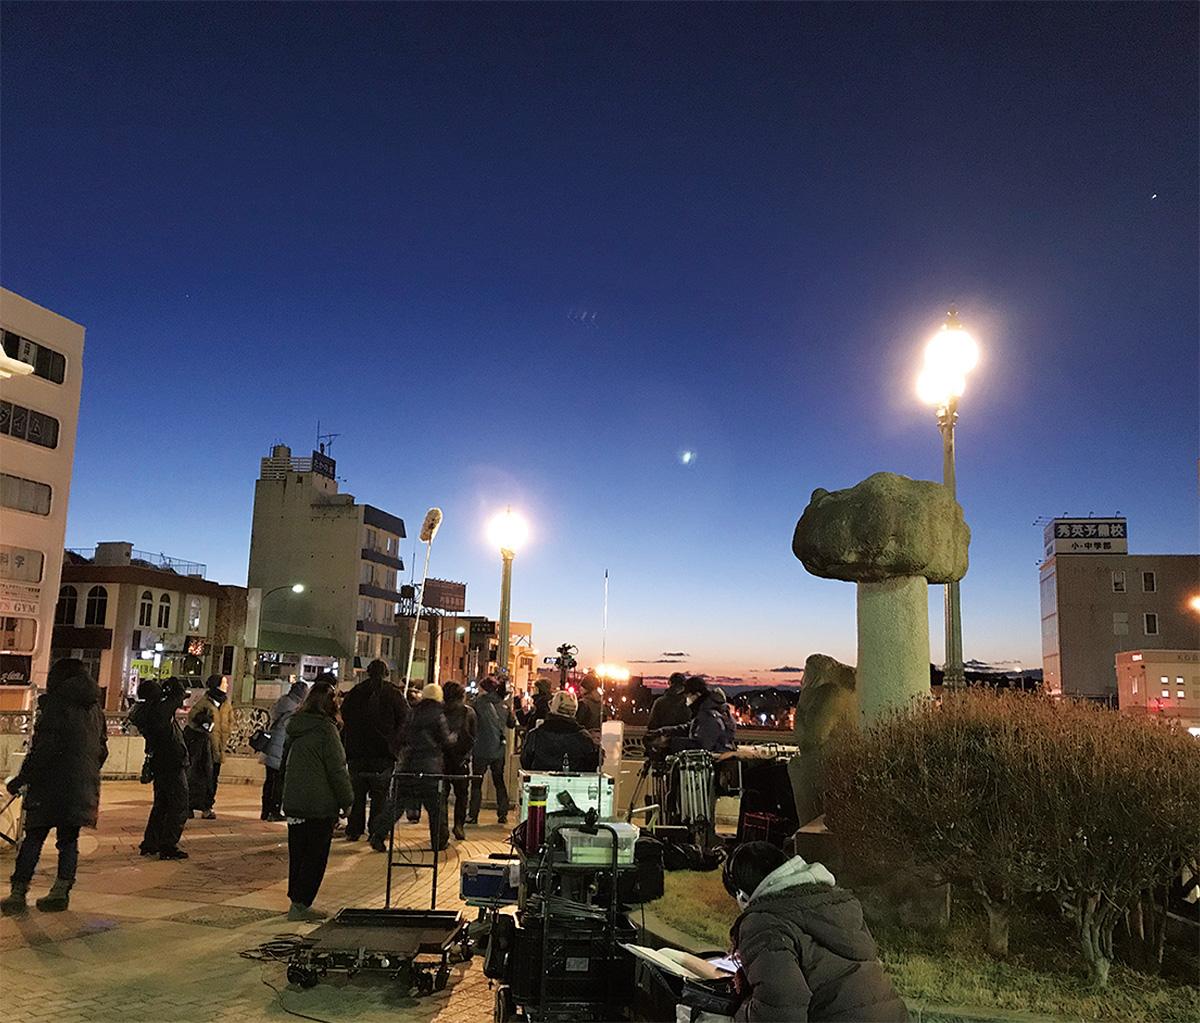 11月1日公開『閉鎖病棟\u2015それぞれの朝\u2015』 秦野市内で一部シーン